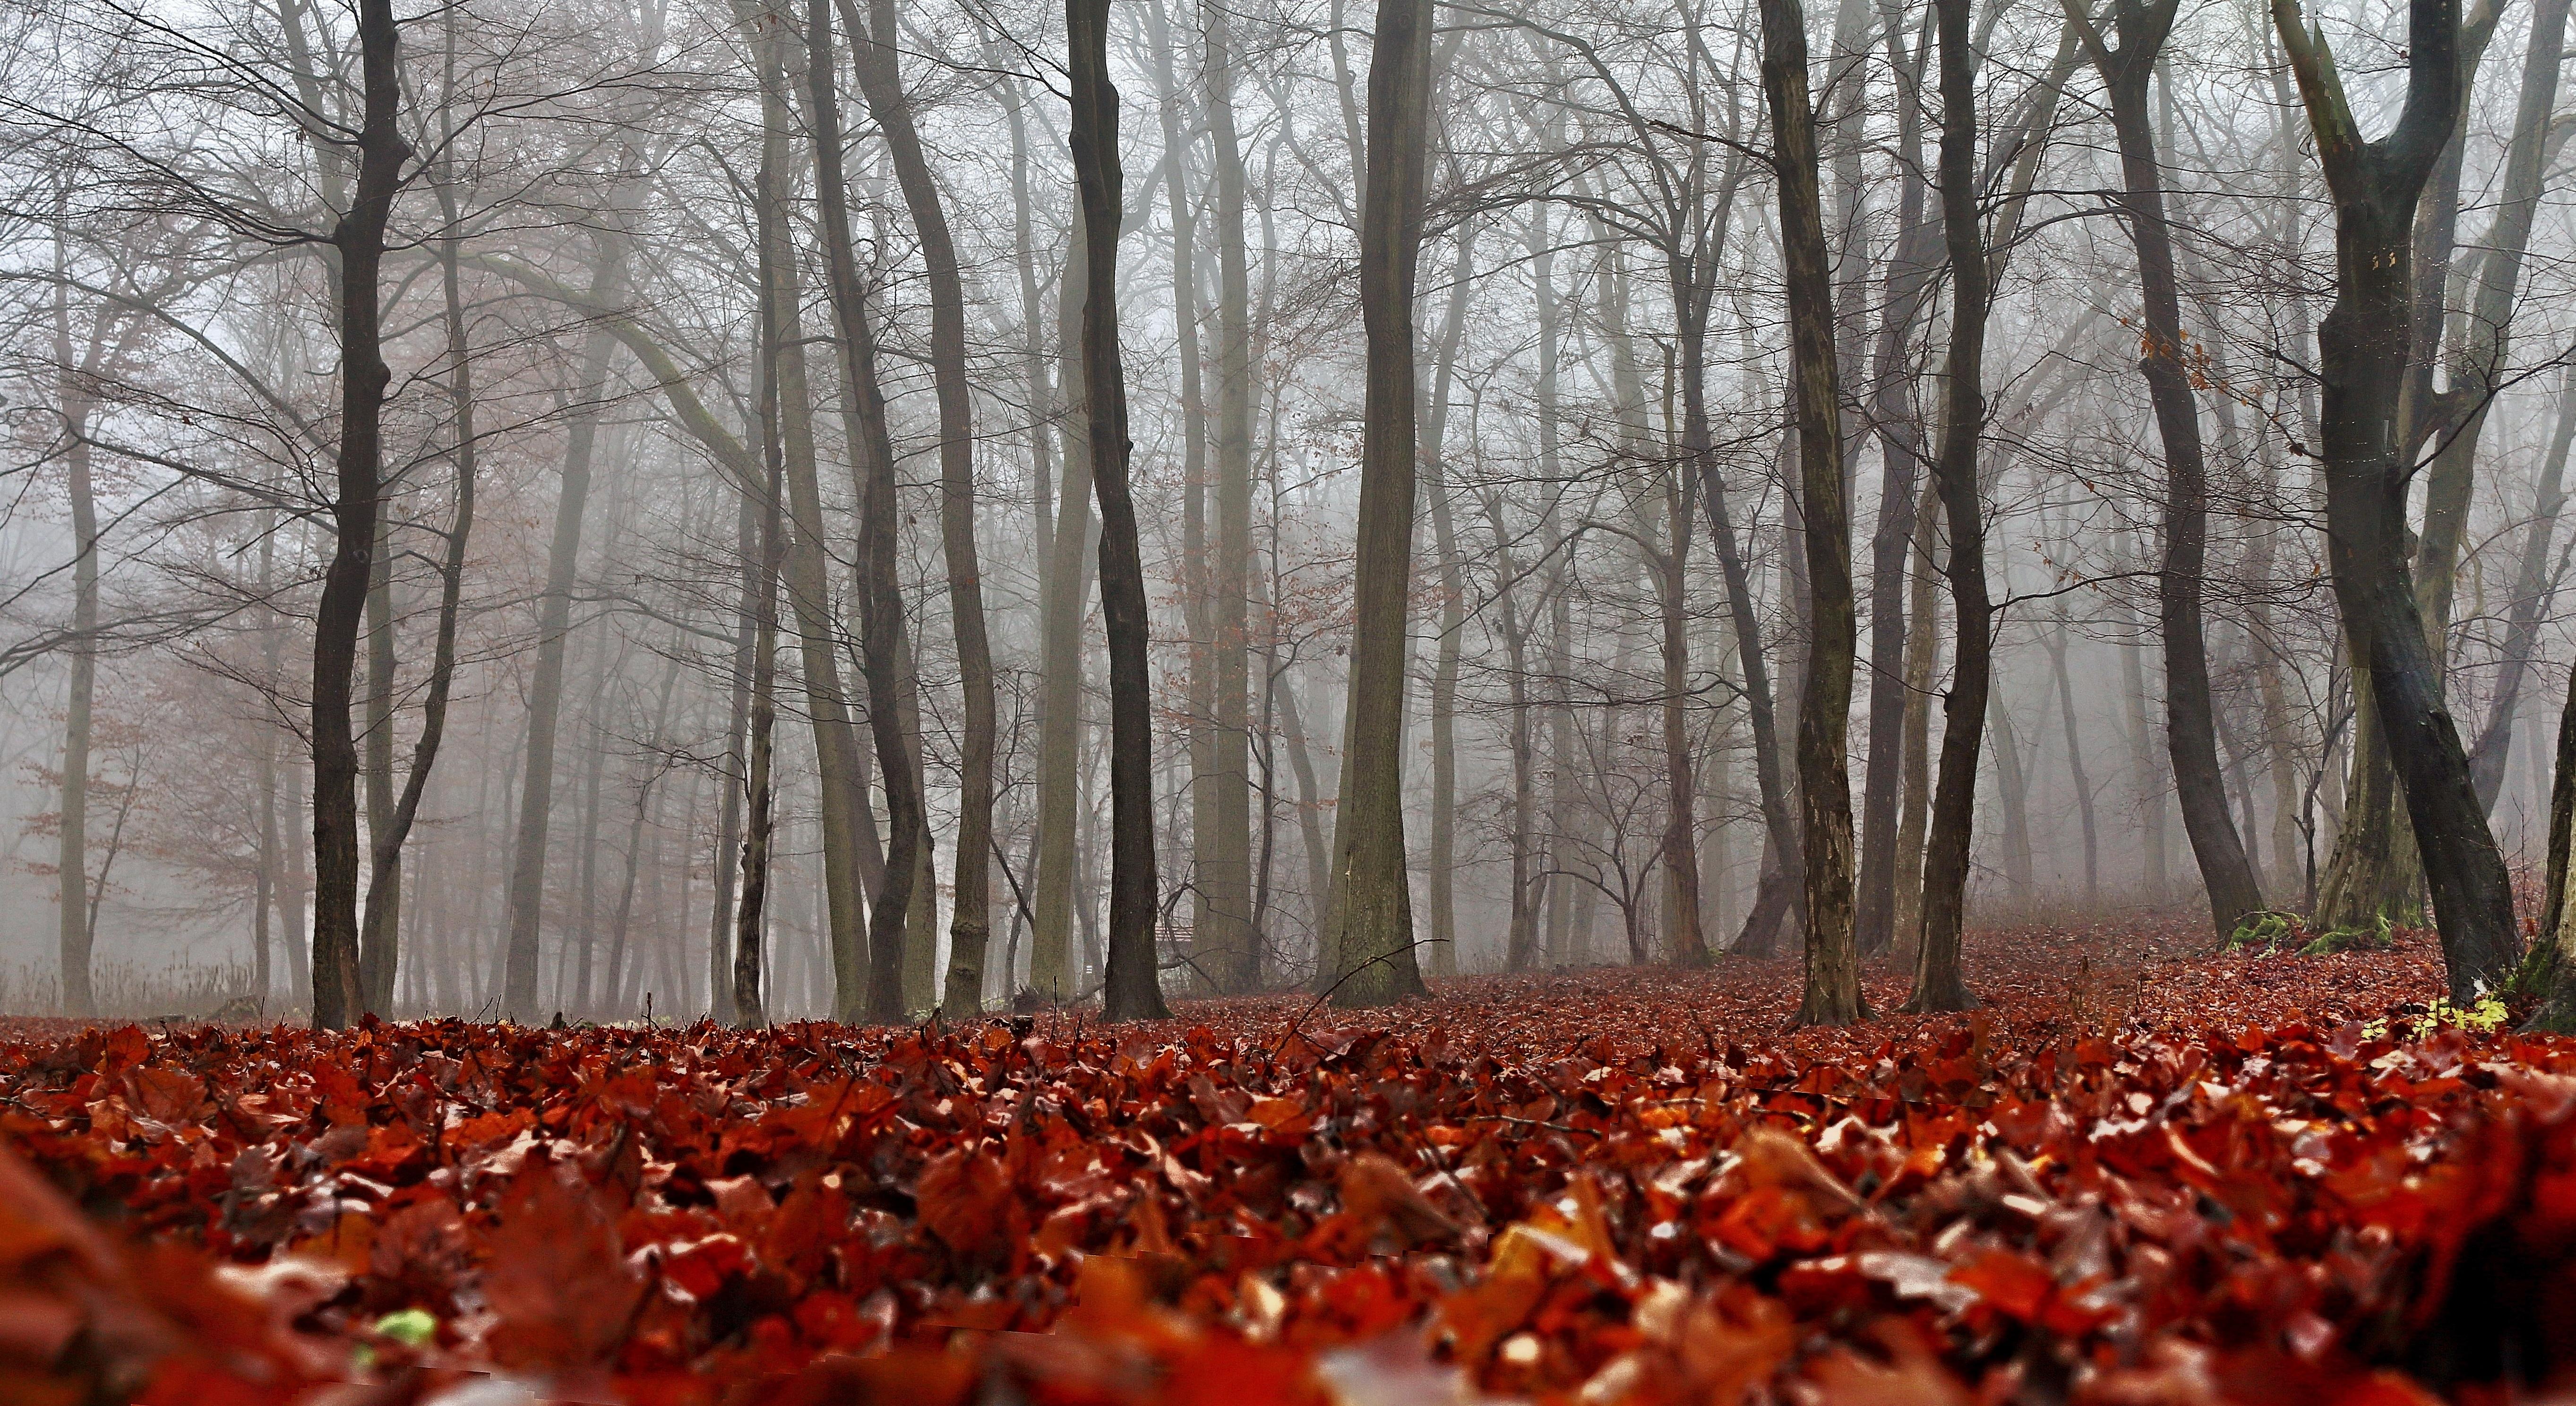 133037 Hintergrundbild 128x160 kostenlos auf deinem Handy, lade Bilder Natur, Herbst, Wald, Nebel, Laub 128x160 auf dein Handy herunter